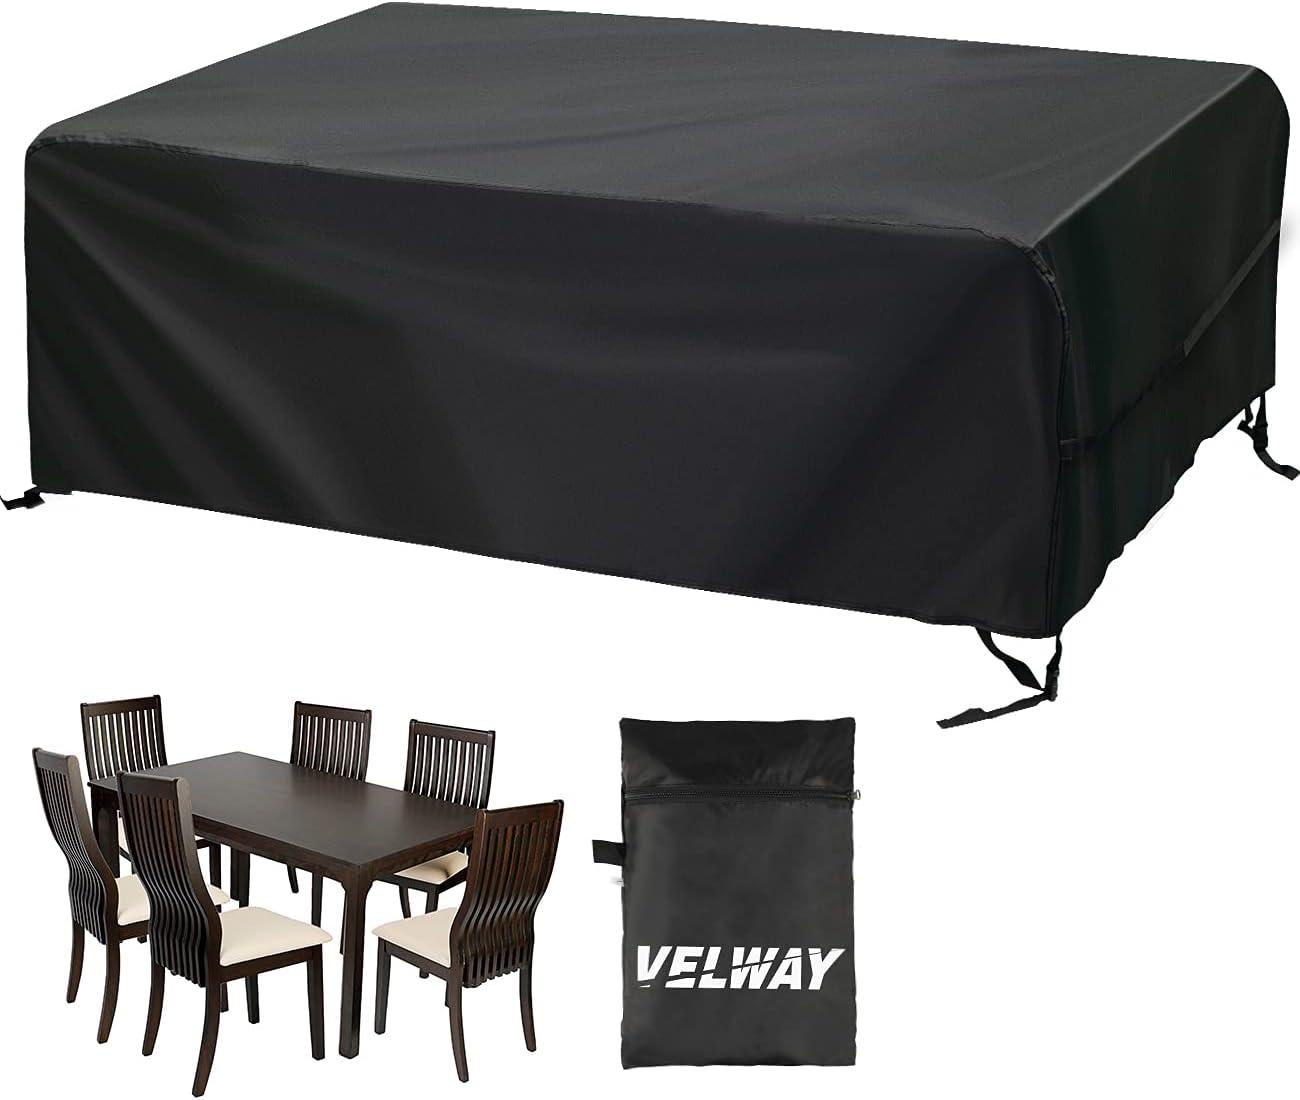 Velway Funda para Muebles de Jardín Exterior, Protectora para Mesas Rectangular de Patio, Cubierta de Sofá Silla de Paño Oxford Impermeable a Prueba de Polvo Lluvia Sol Viento, 200x160x70cm Negro